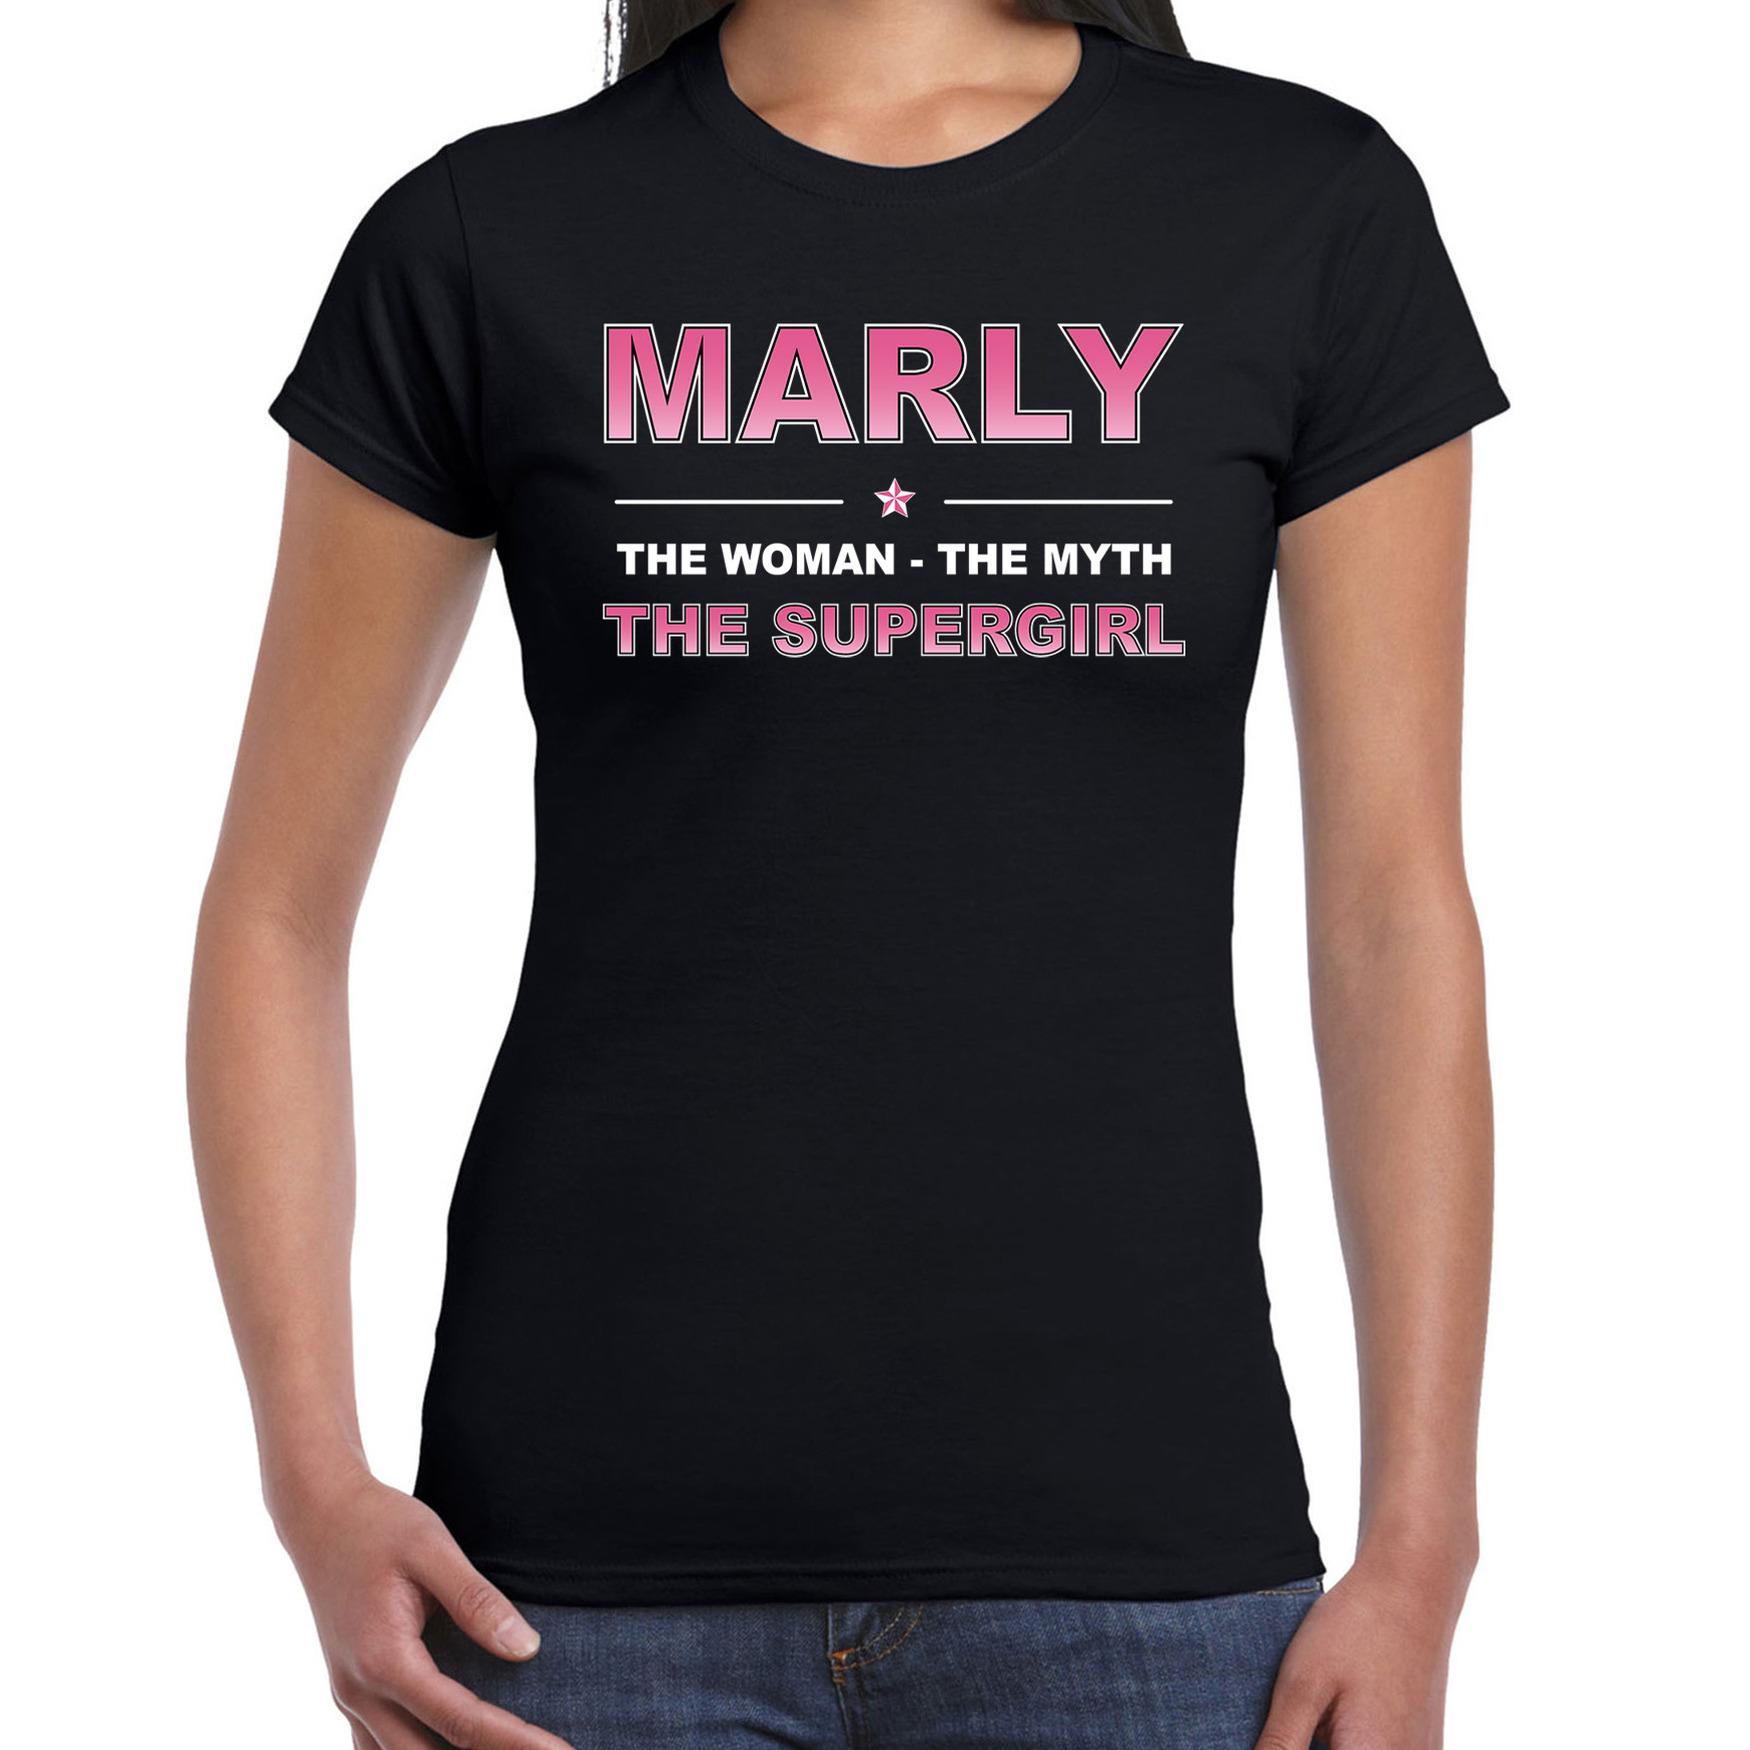 Naam cadeau t-shirt / shirt Marly - the supergirl zwart voor dames